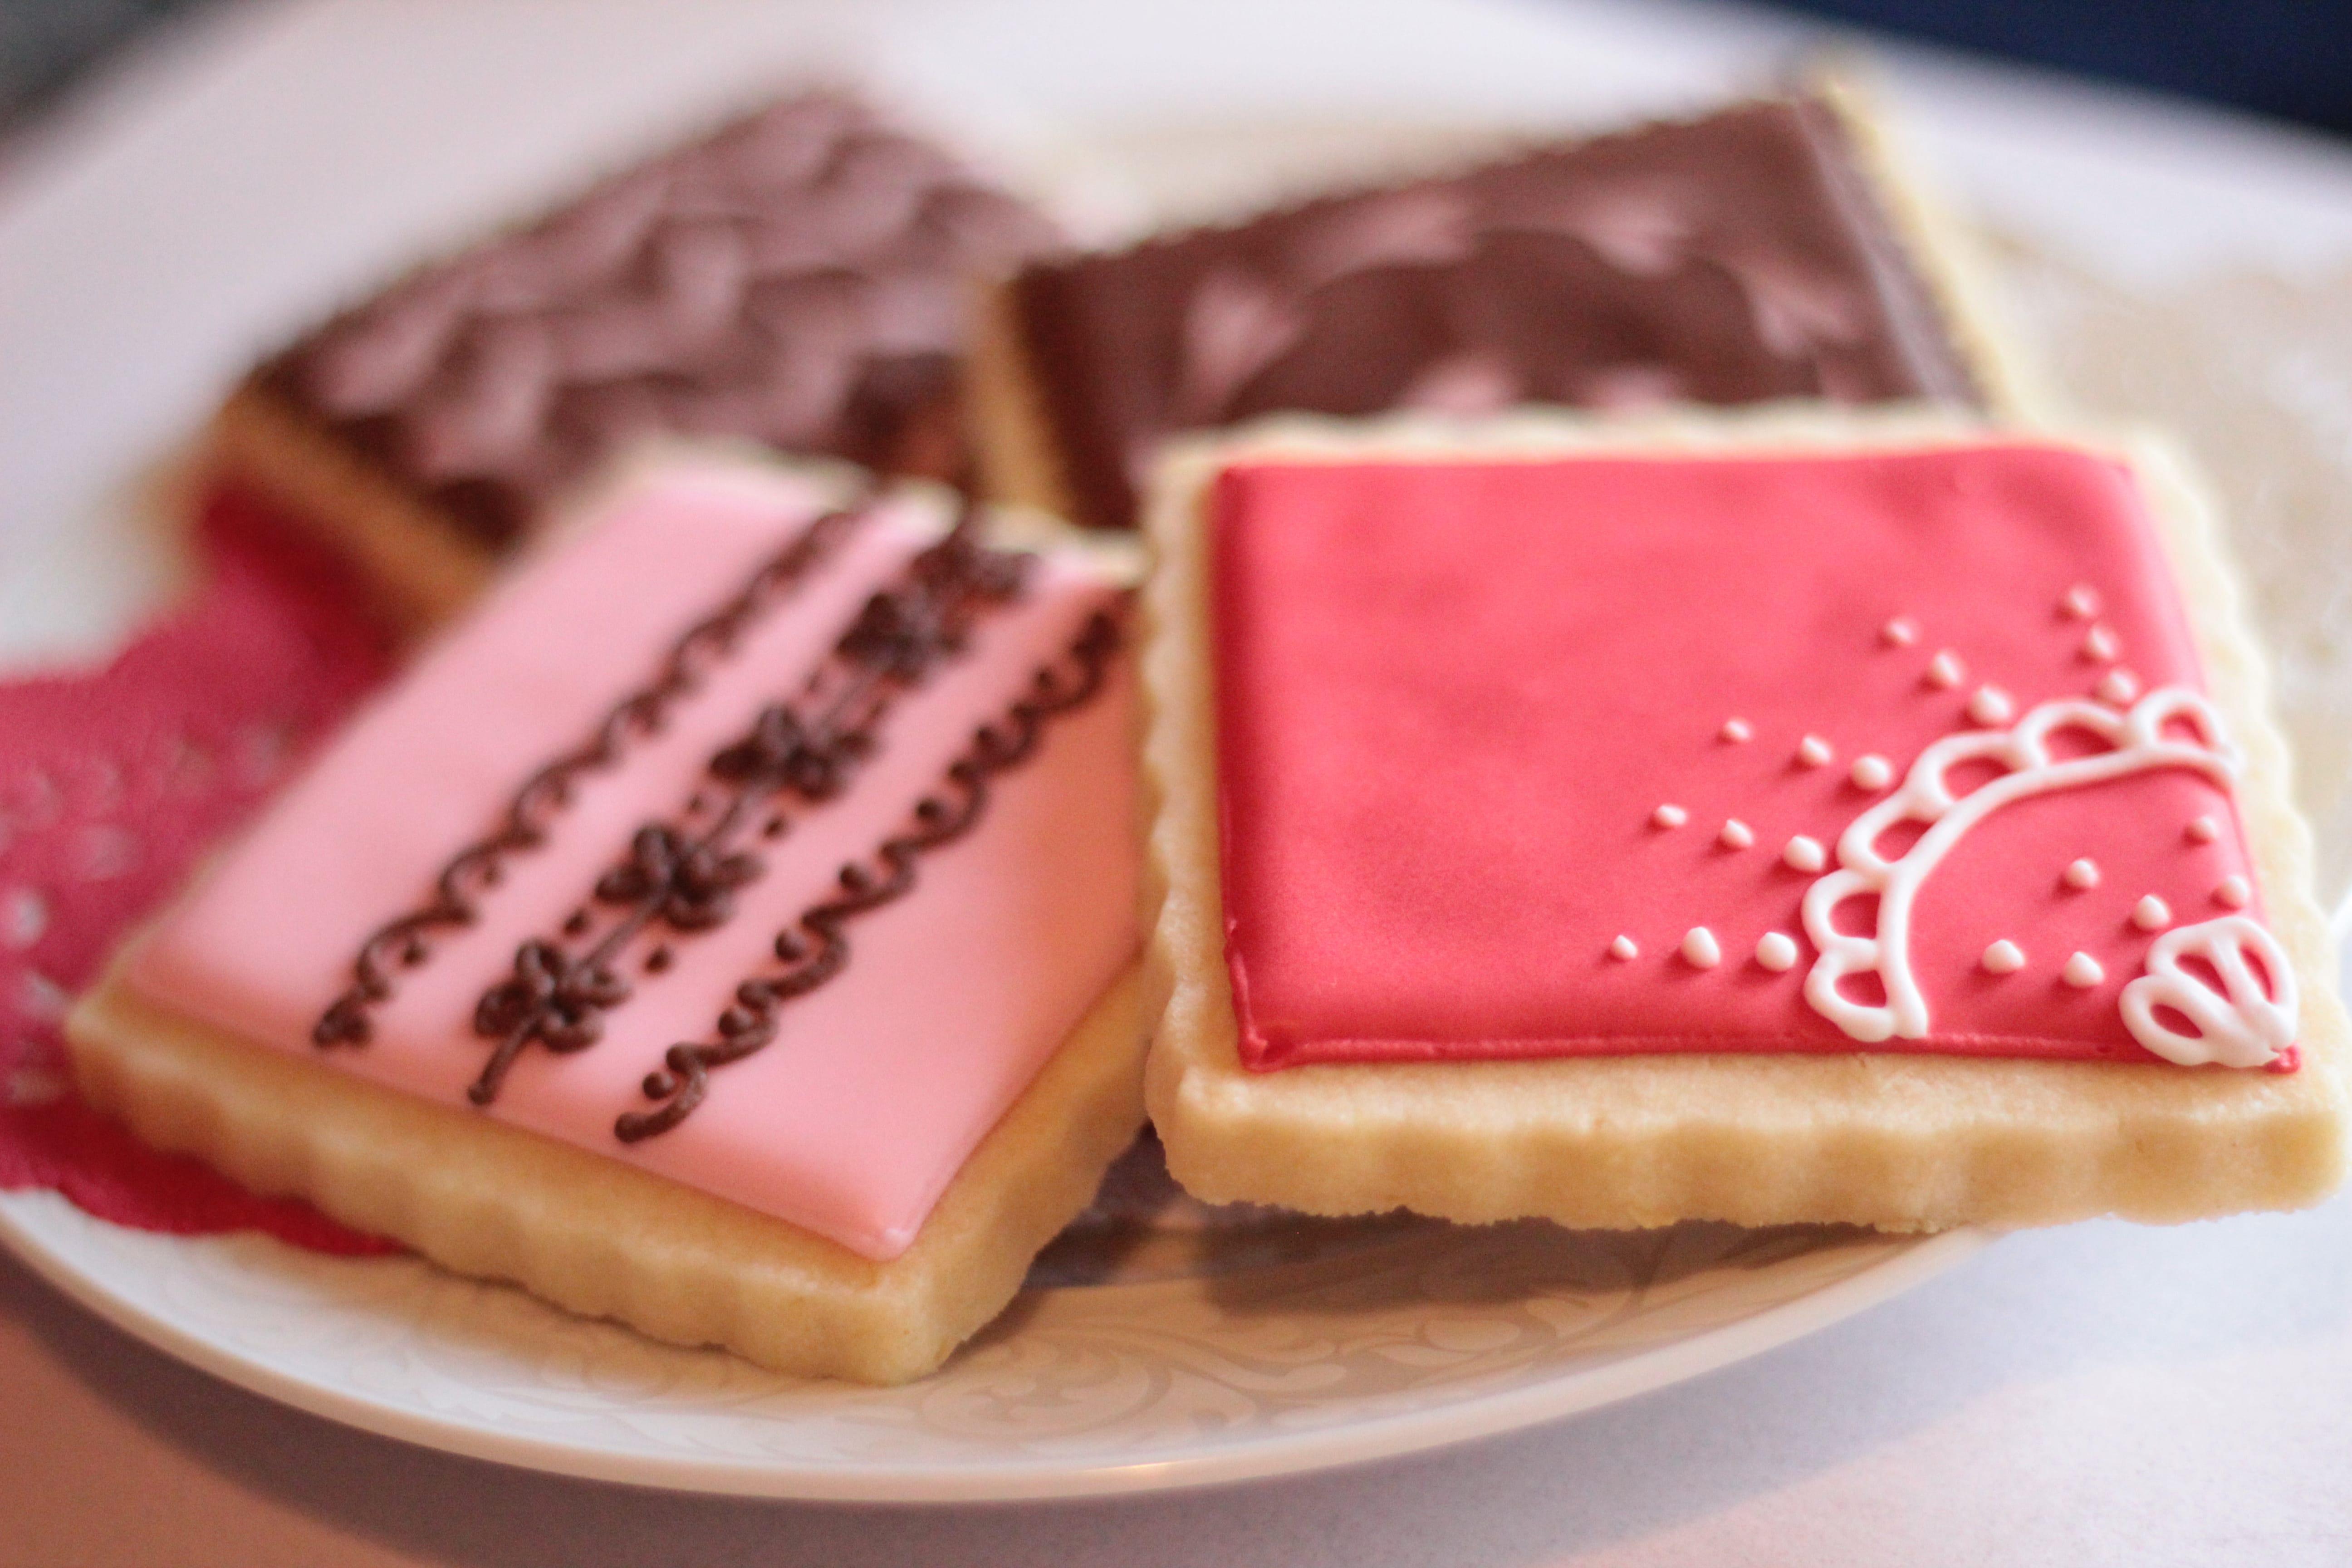 sobremesa-rosa-cha-de-panela-cookie-02-min